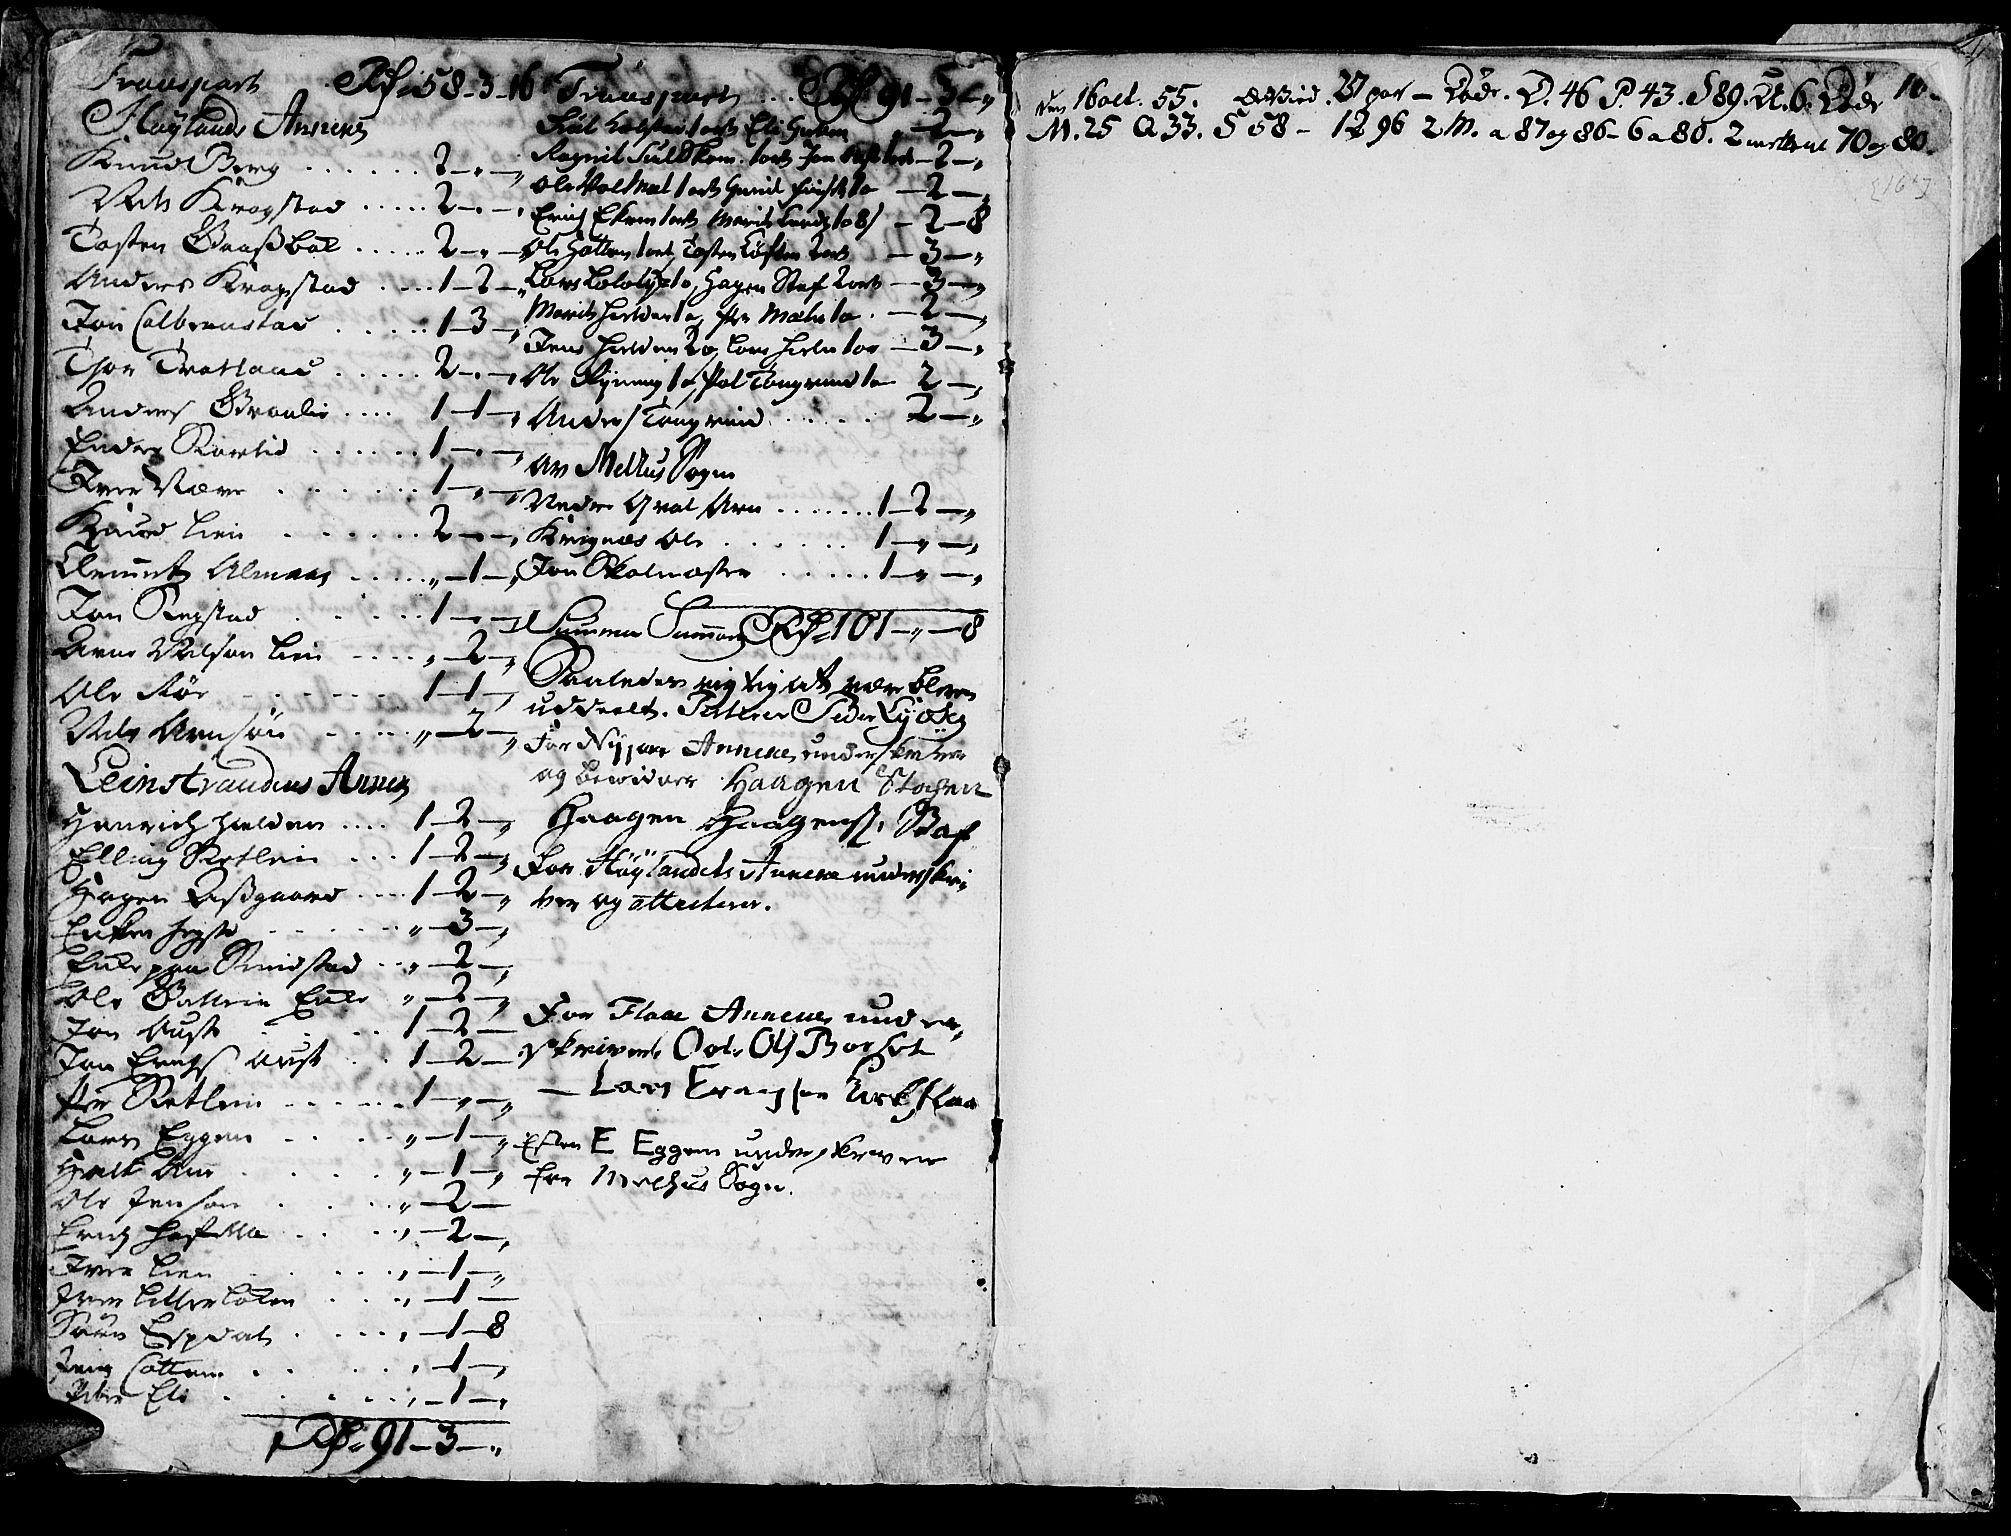 SAT, Ministerialprotokoller, klokkerbøker og fødselsregistre - Sør-Trøndelag, 691/L1057: Ministerialbok nr. 691A01 /1, 1740-1767, s. 166